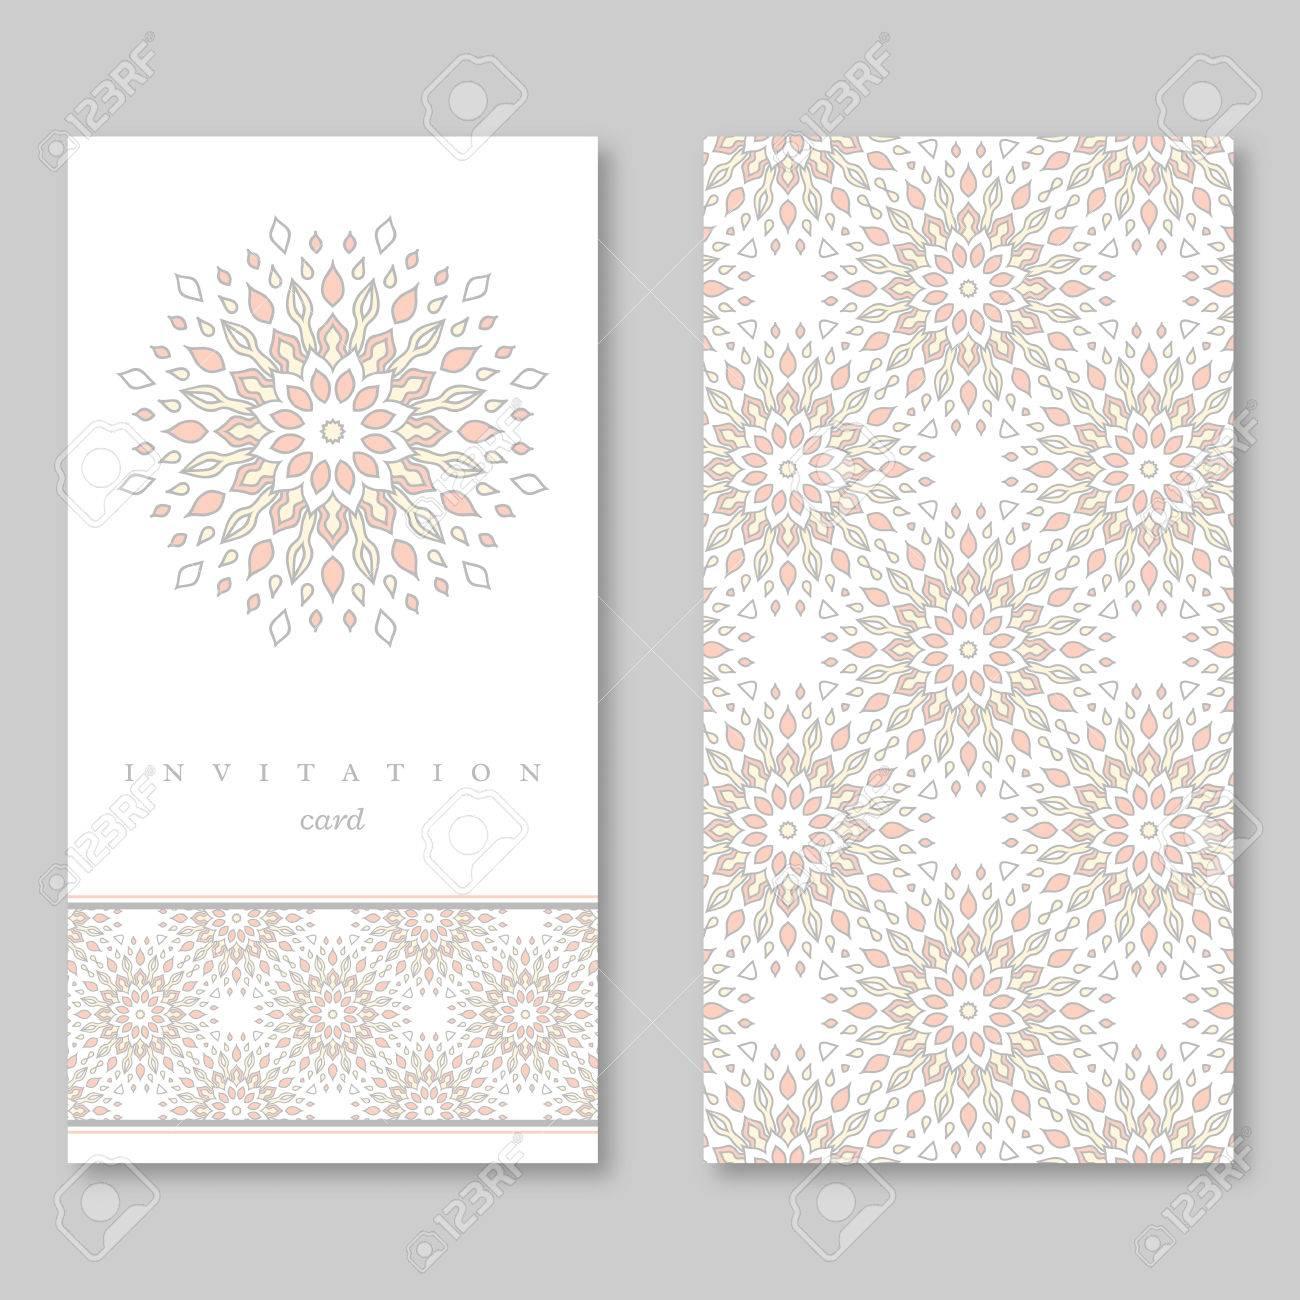 Set Bestehend Aus Zwei Karten Vorlage Fur Gruss Einladung